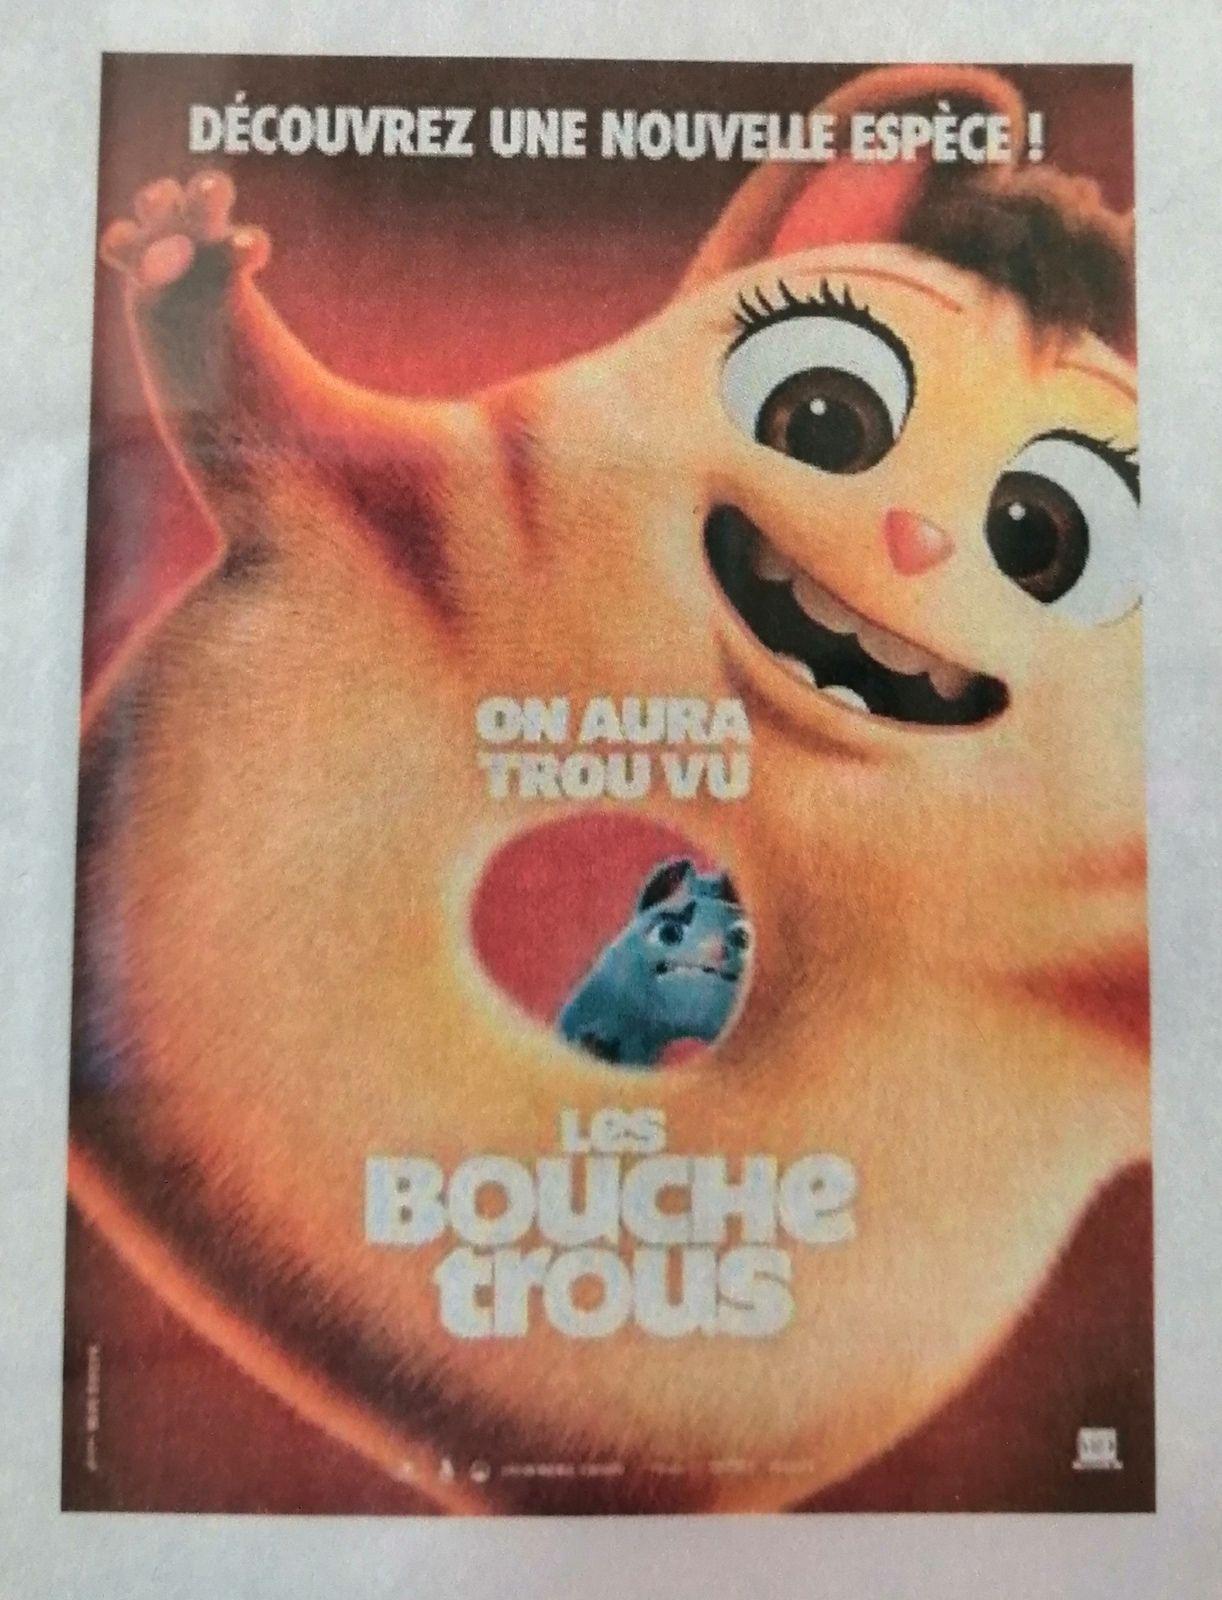 Avis ciné : Les Bouchetrous